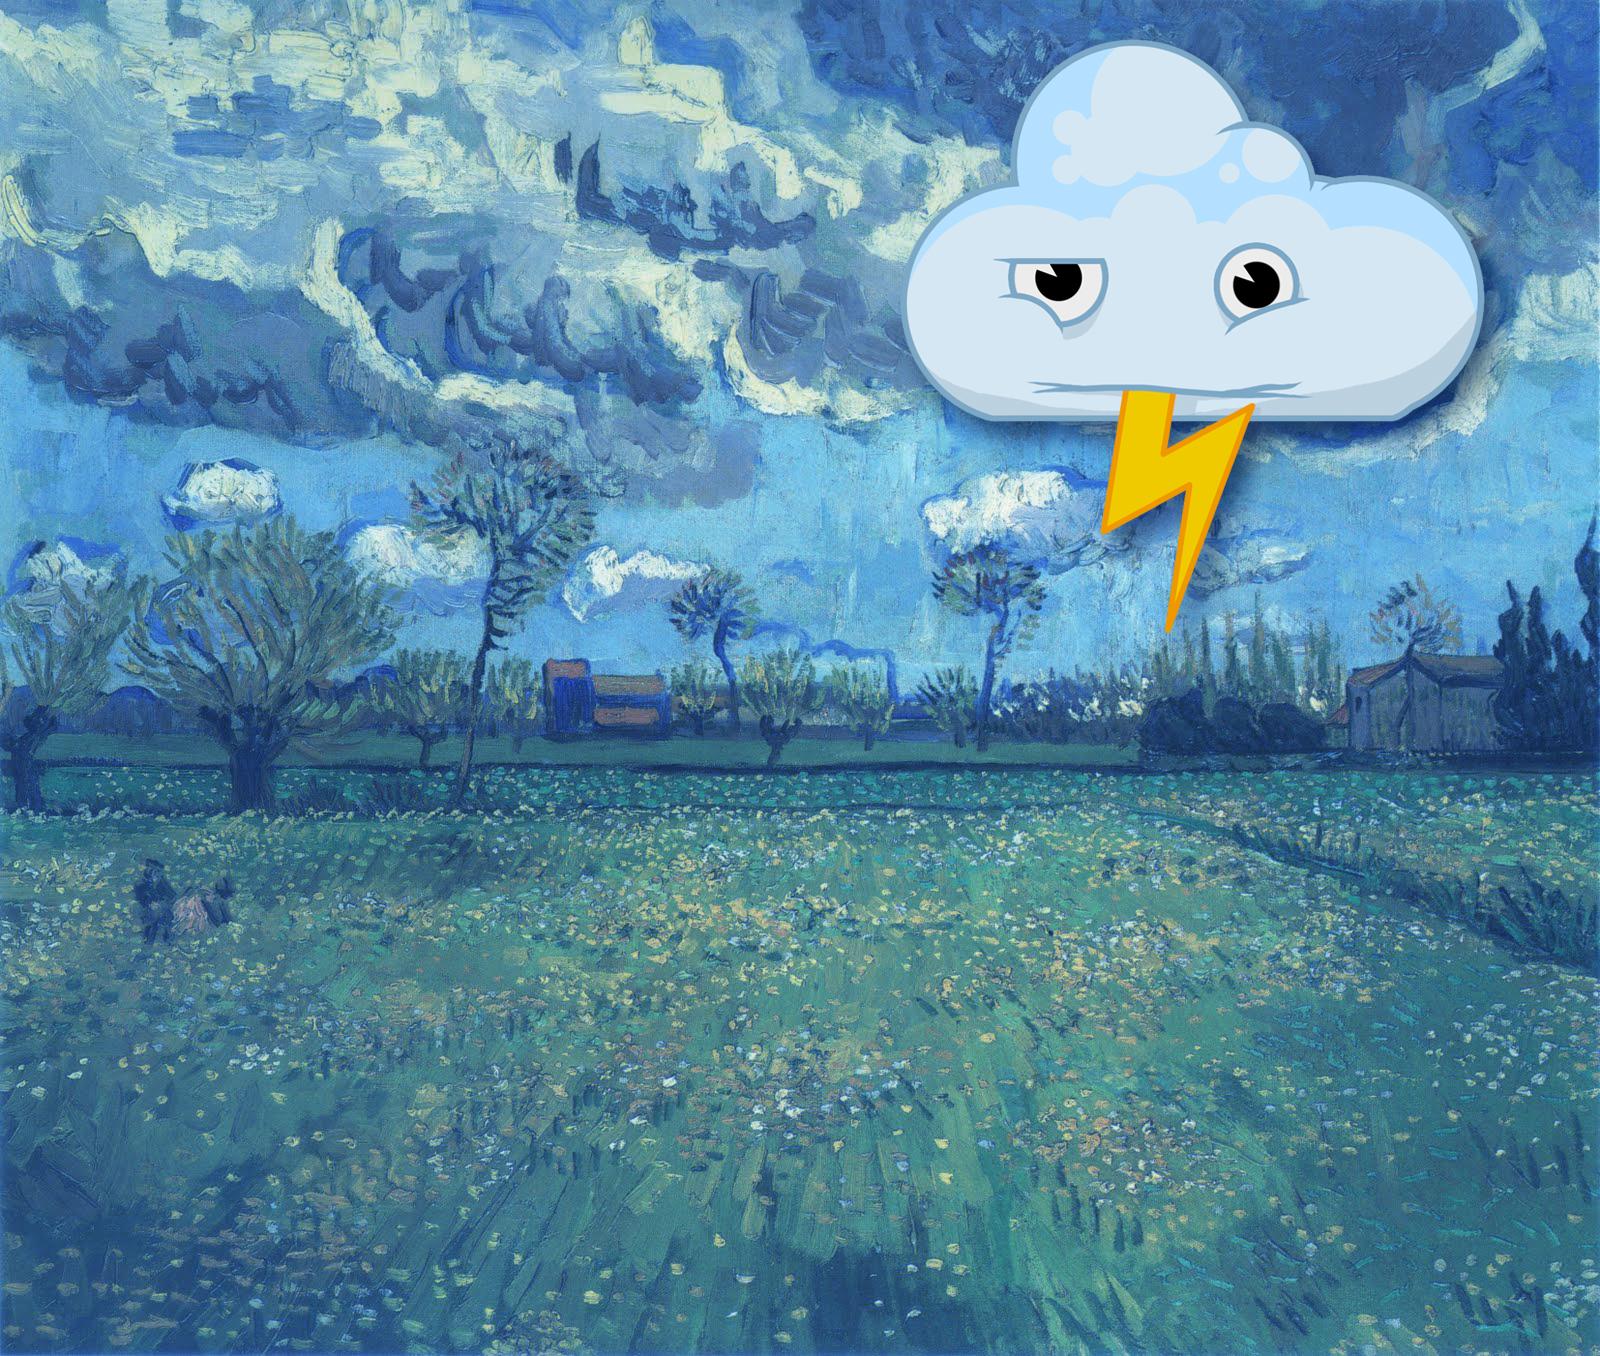 Wayne Thayer/Landscape Under a Stormy Sky